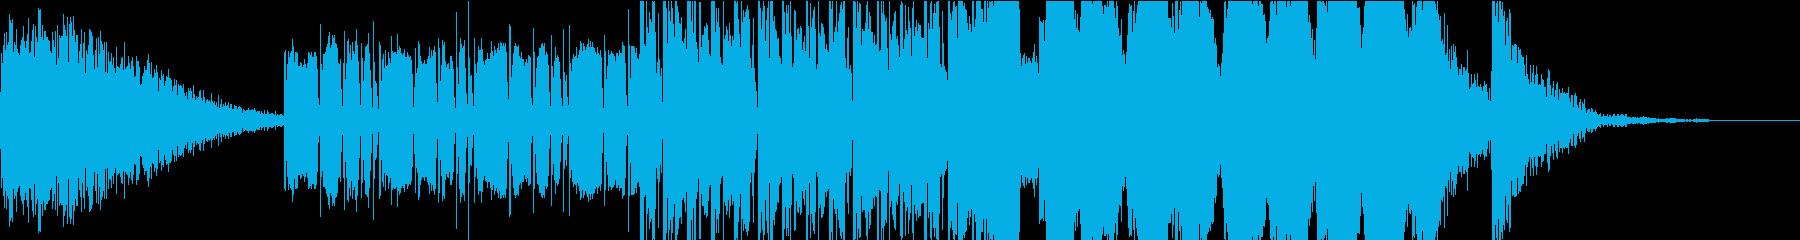 緊迫感のあるトレーラー向けBGMの再生済みの波形